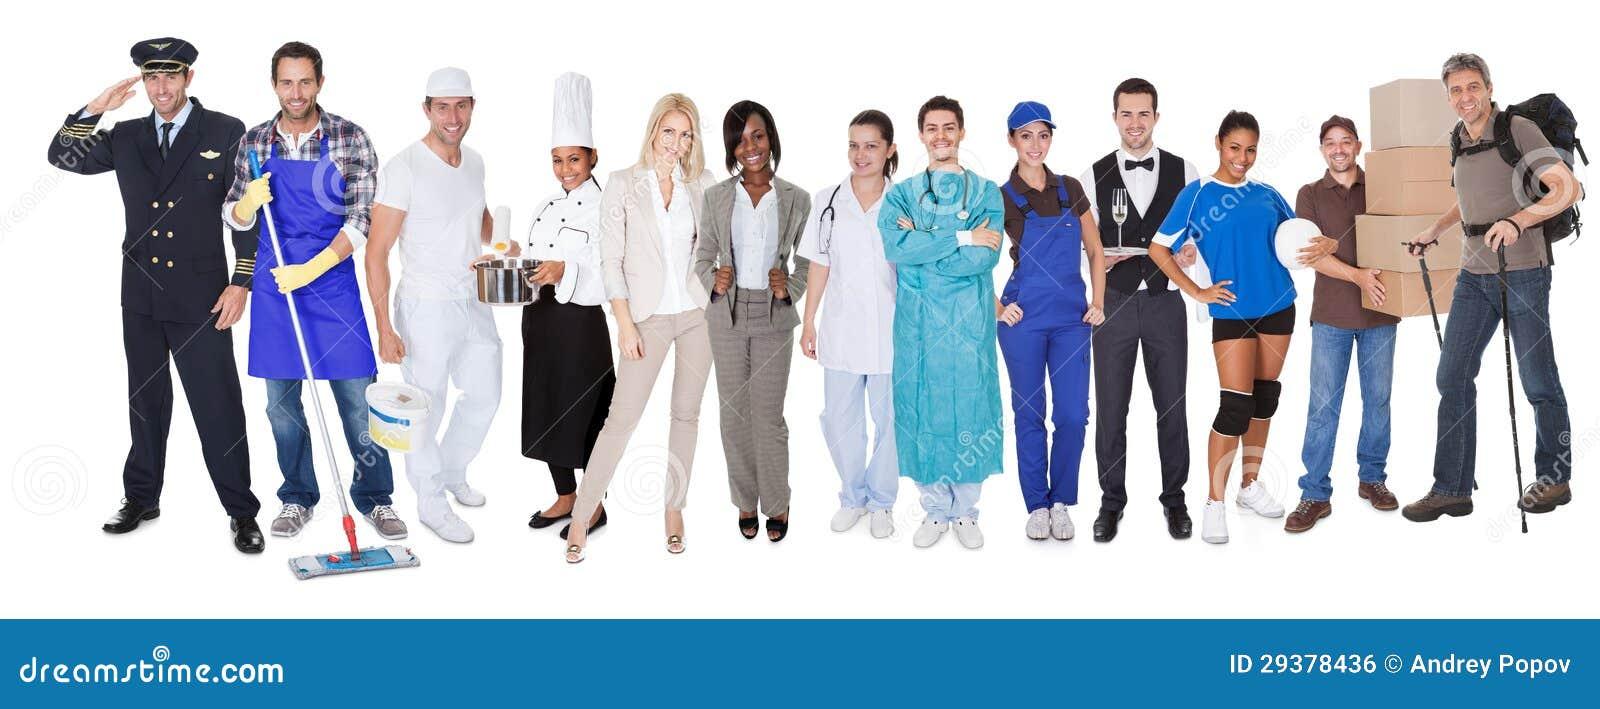 Groupe de personnes représentant des professions diverses